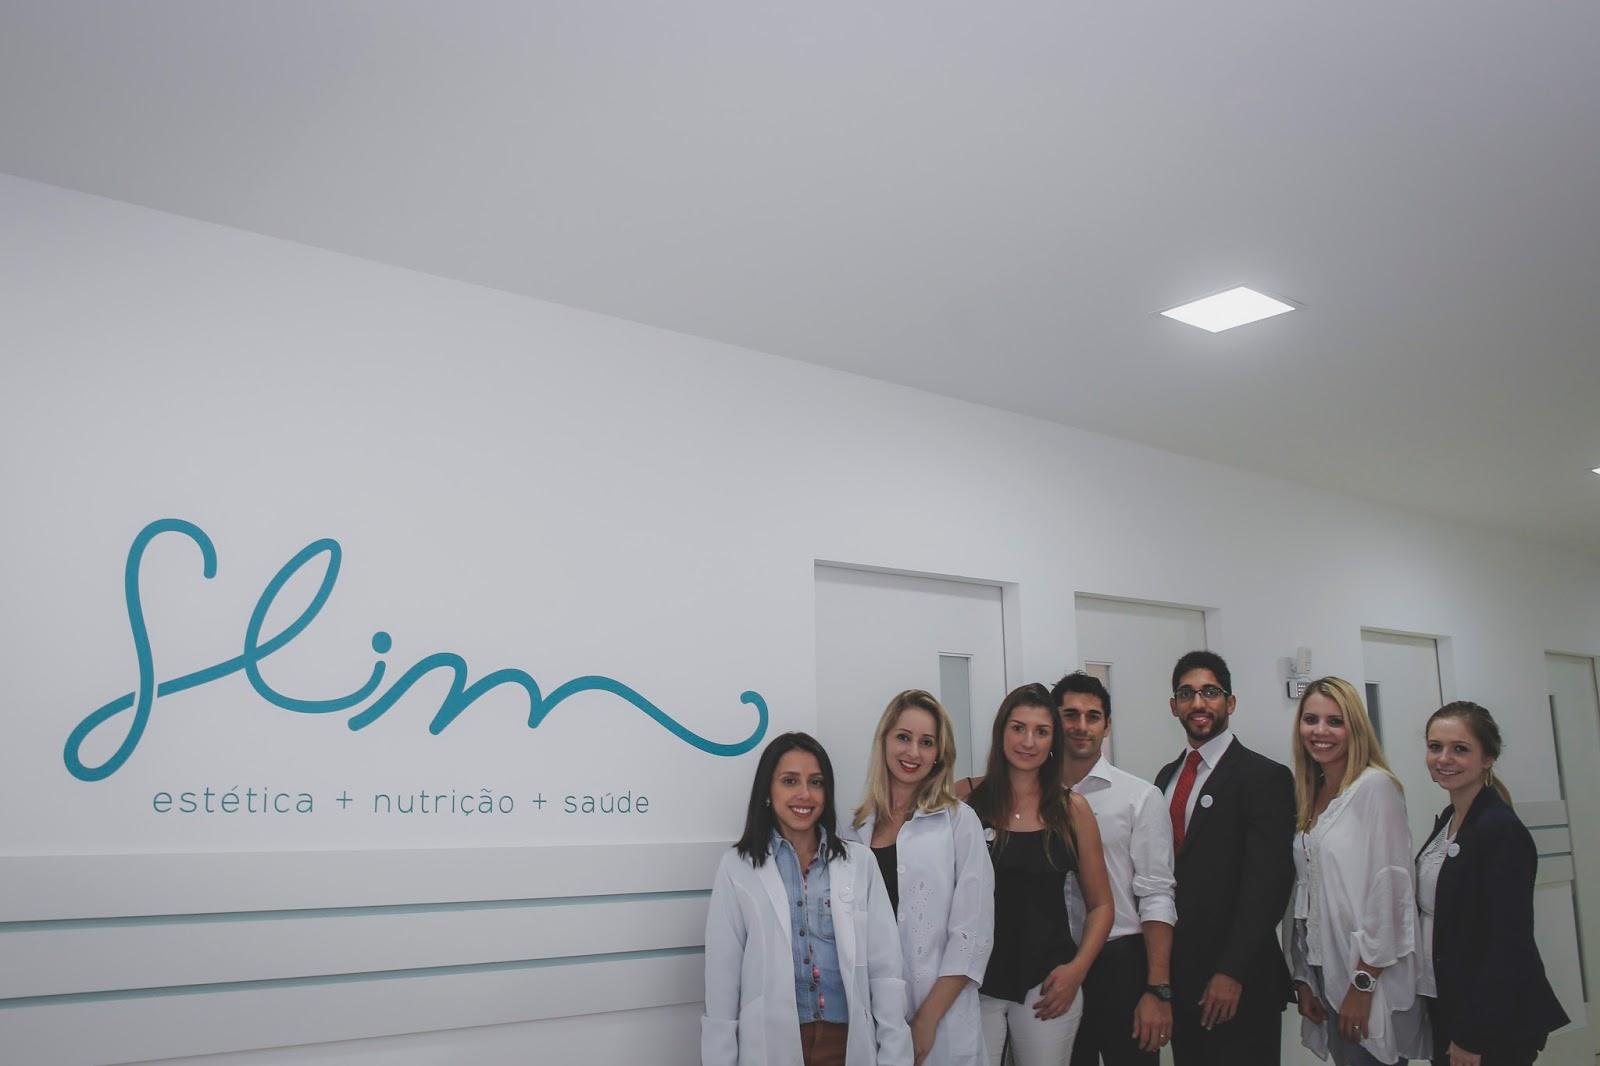 Slim Estética, Nutrição e Saúde Curitiba